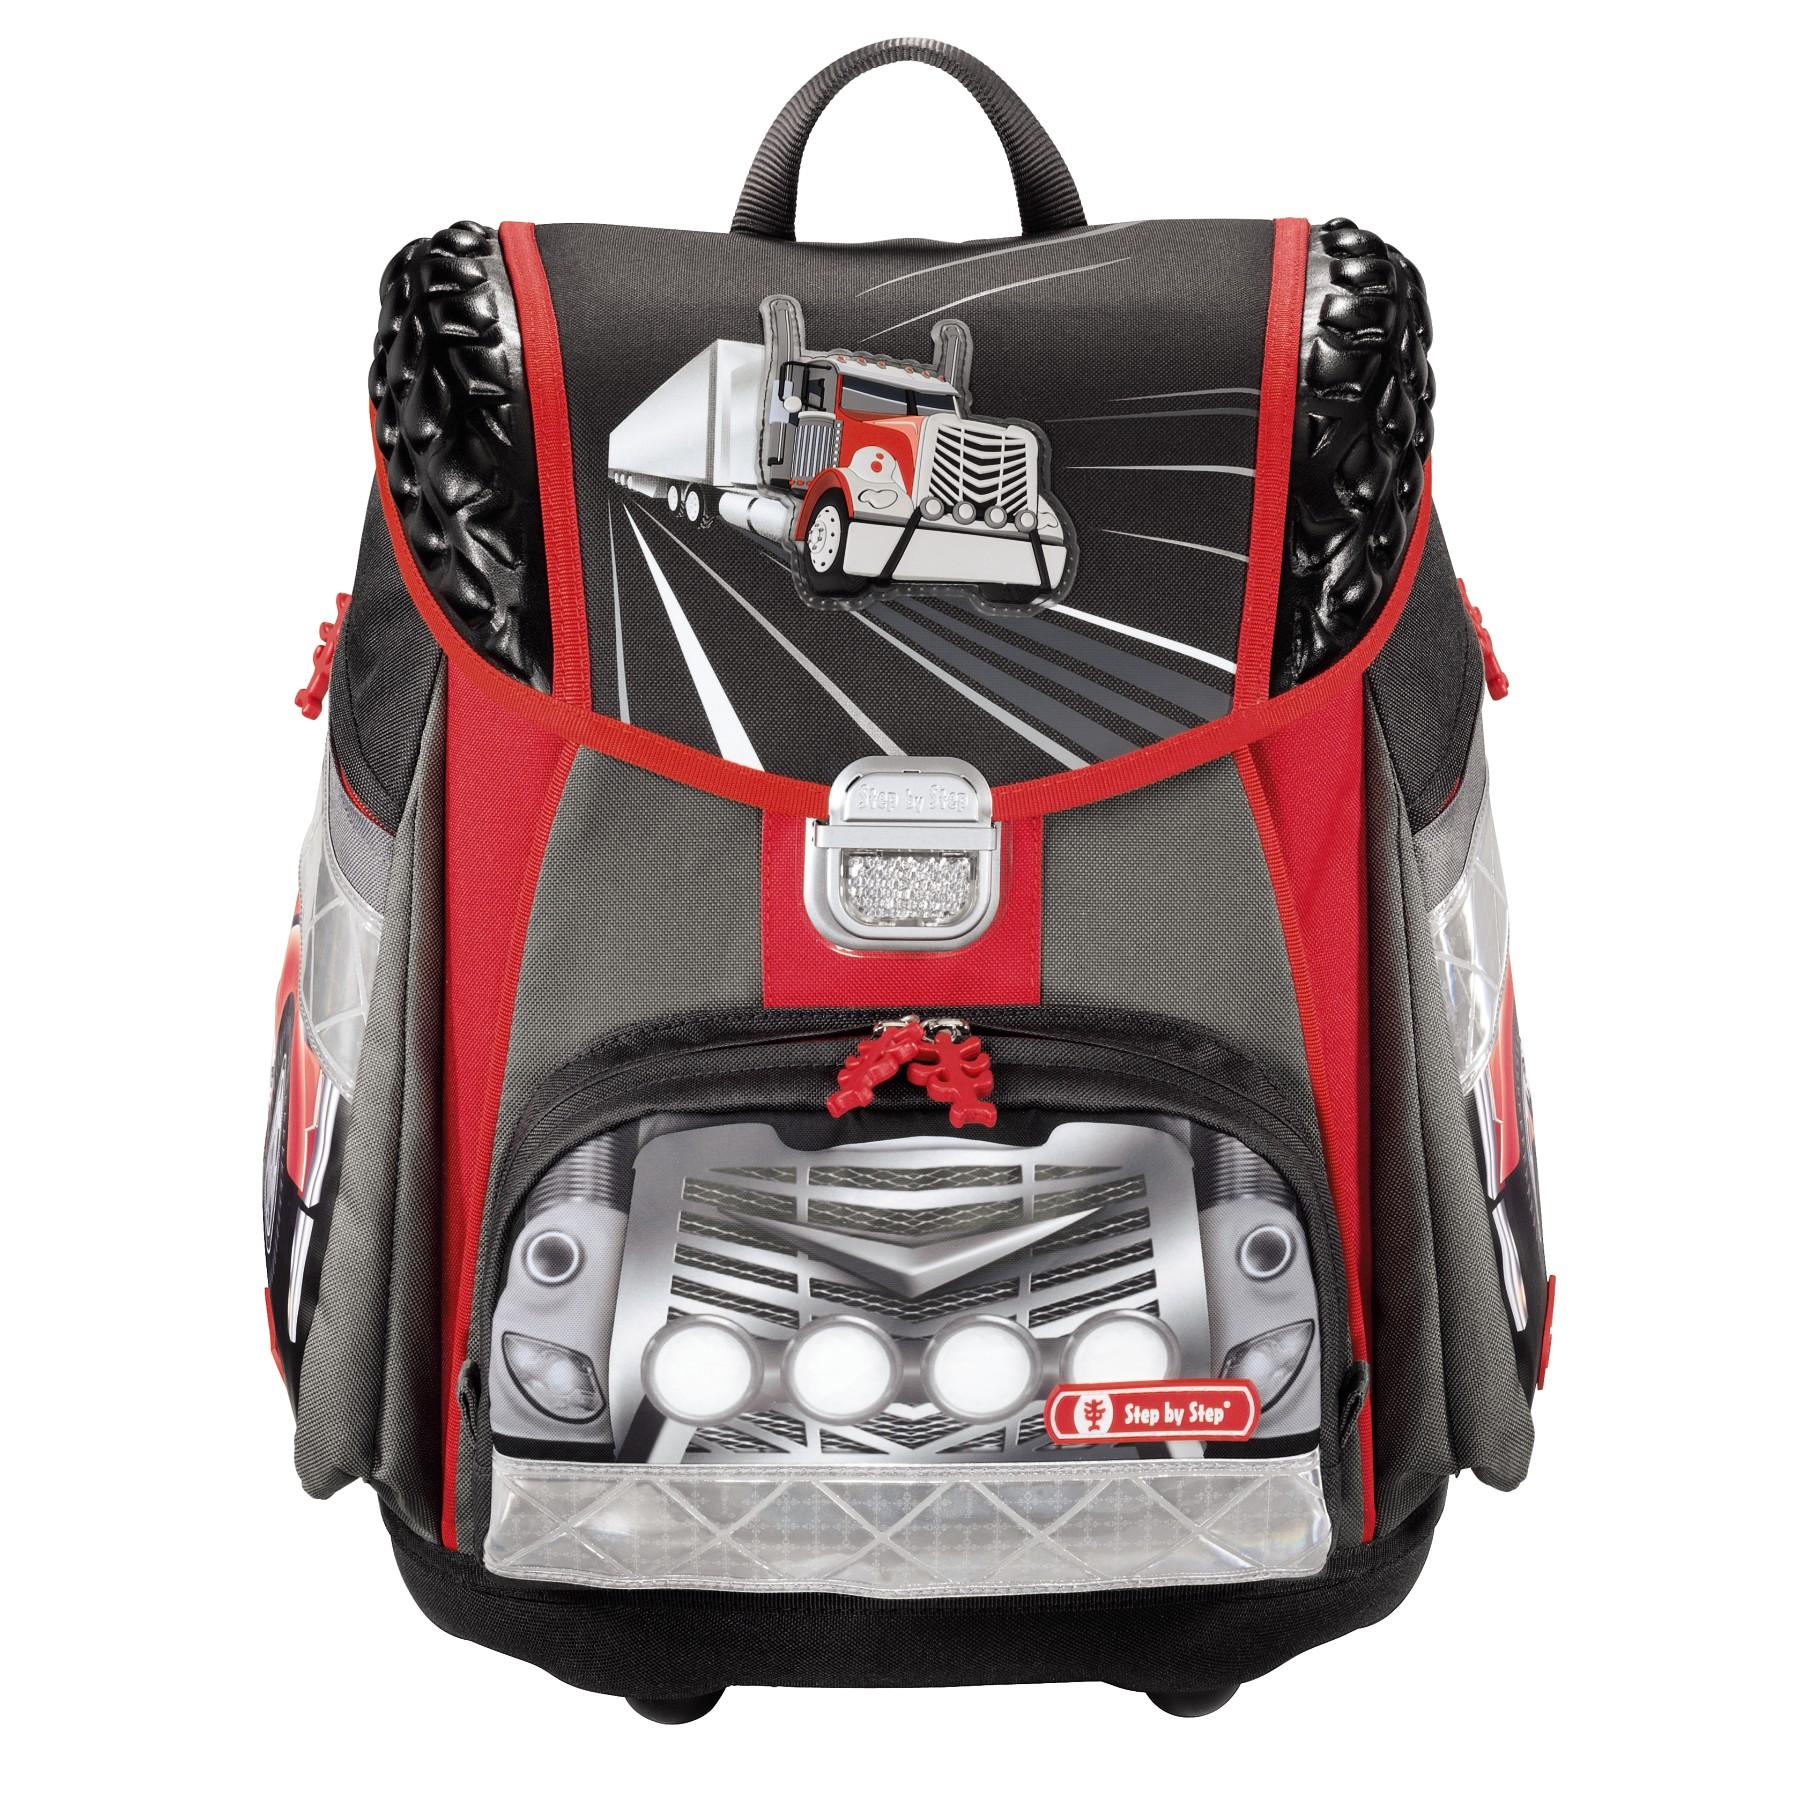 Wieviel darf an Gewicht in einen Schulrucksack hinein? Foto: (c) Hama GmbH & Co. KG